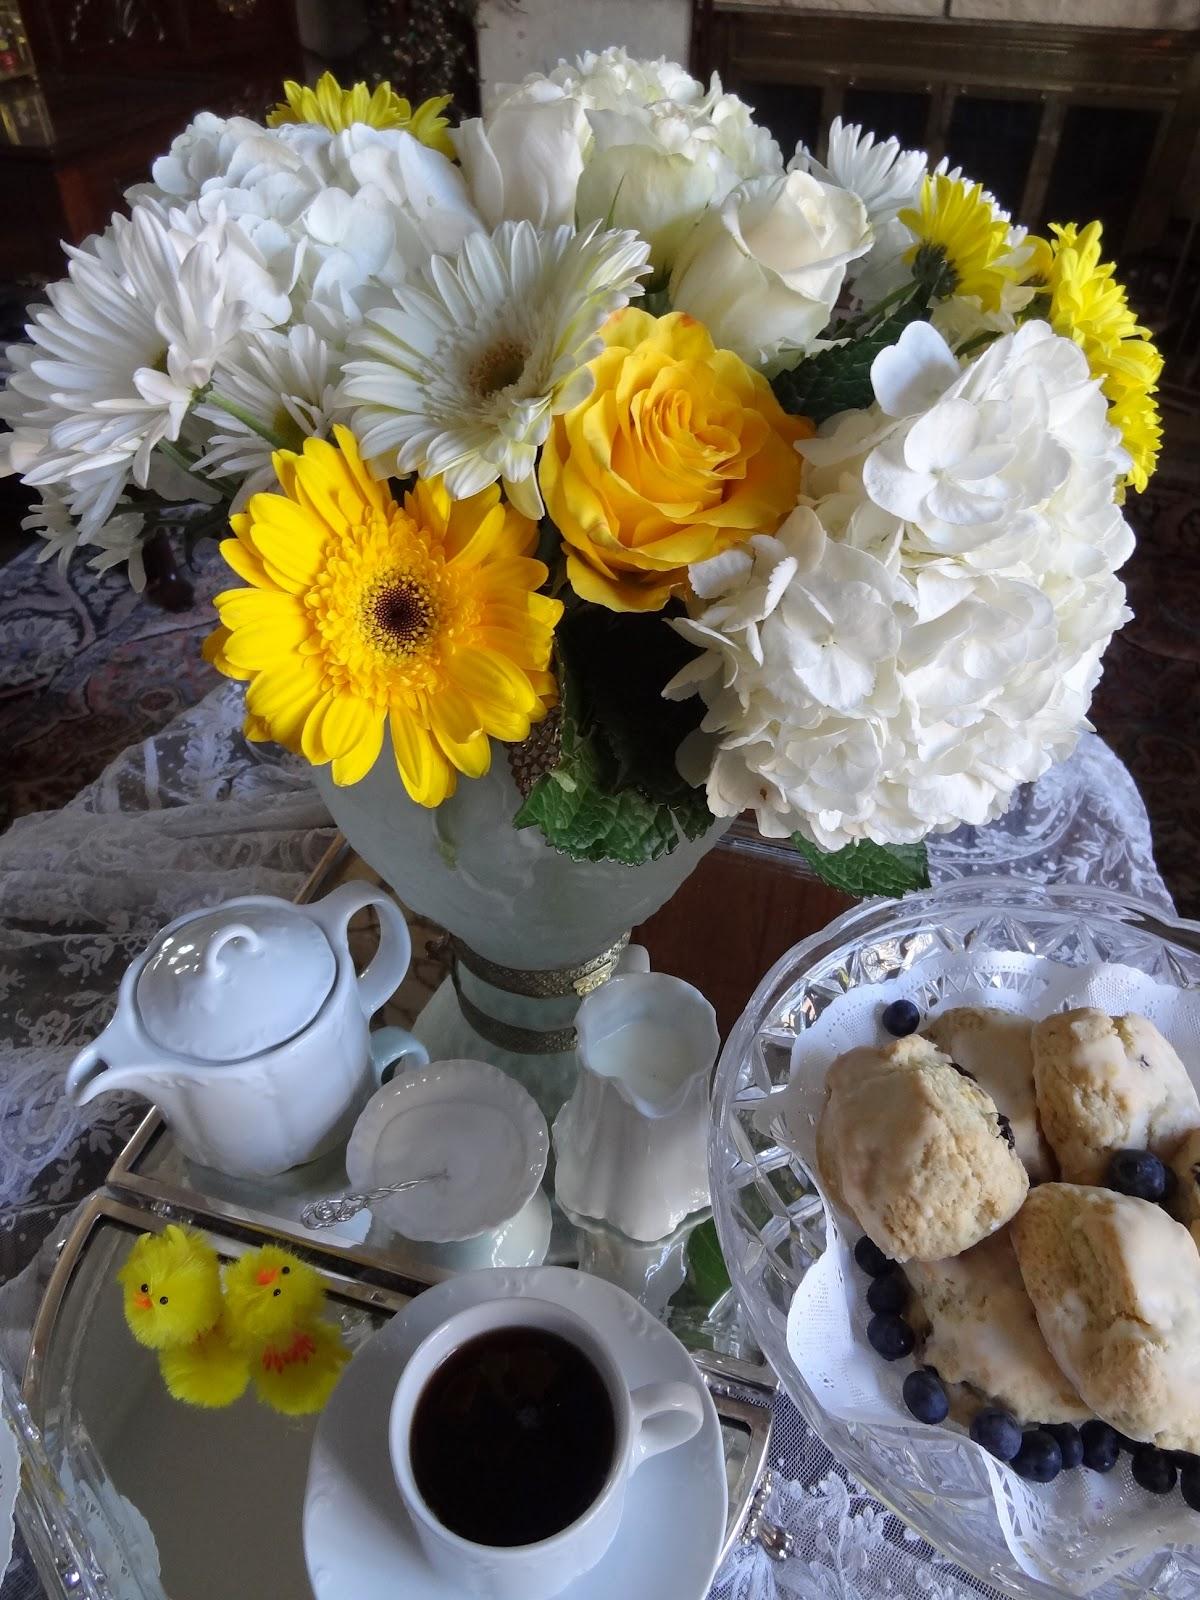 http://1.bp.blogspot.com/-SxhUnjnOIws/T1Q9_cxmSDI/AAAAAAAABRI/HkqeTyieLQg/s1600/blog+yellow+white+tea+1.jpg